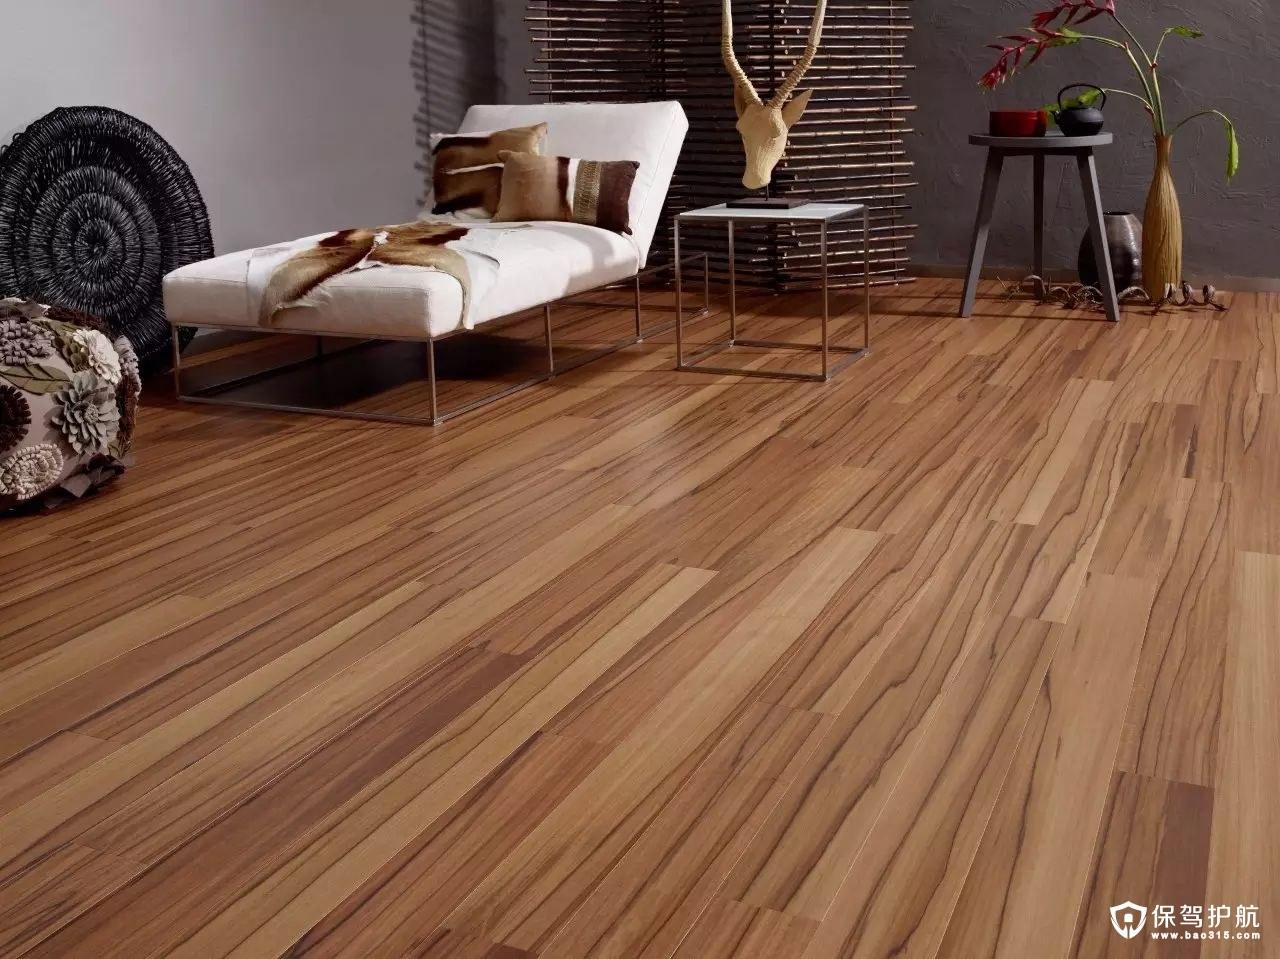 【干货】木地板如何保养?看这些小妙招!